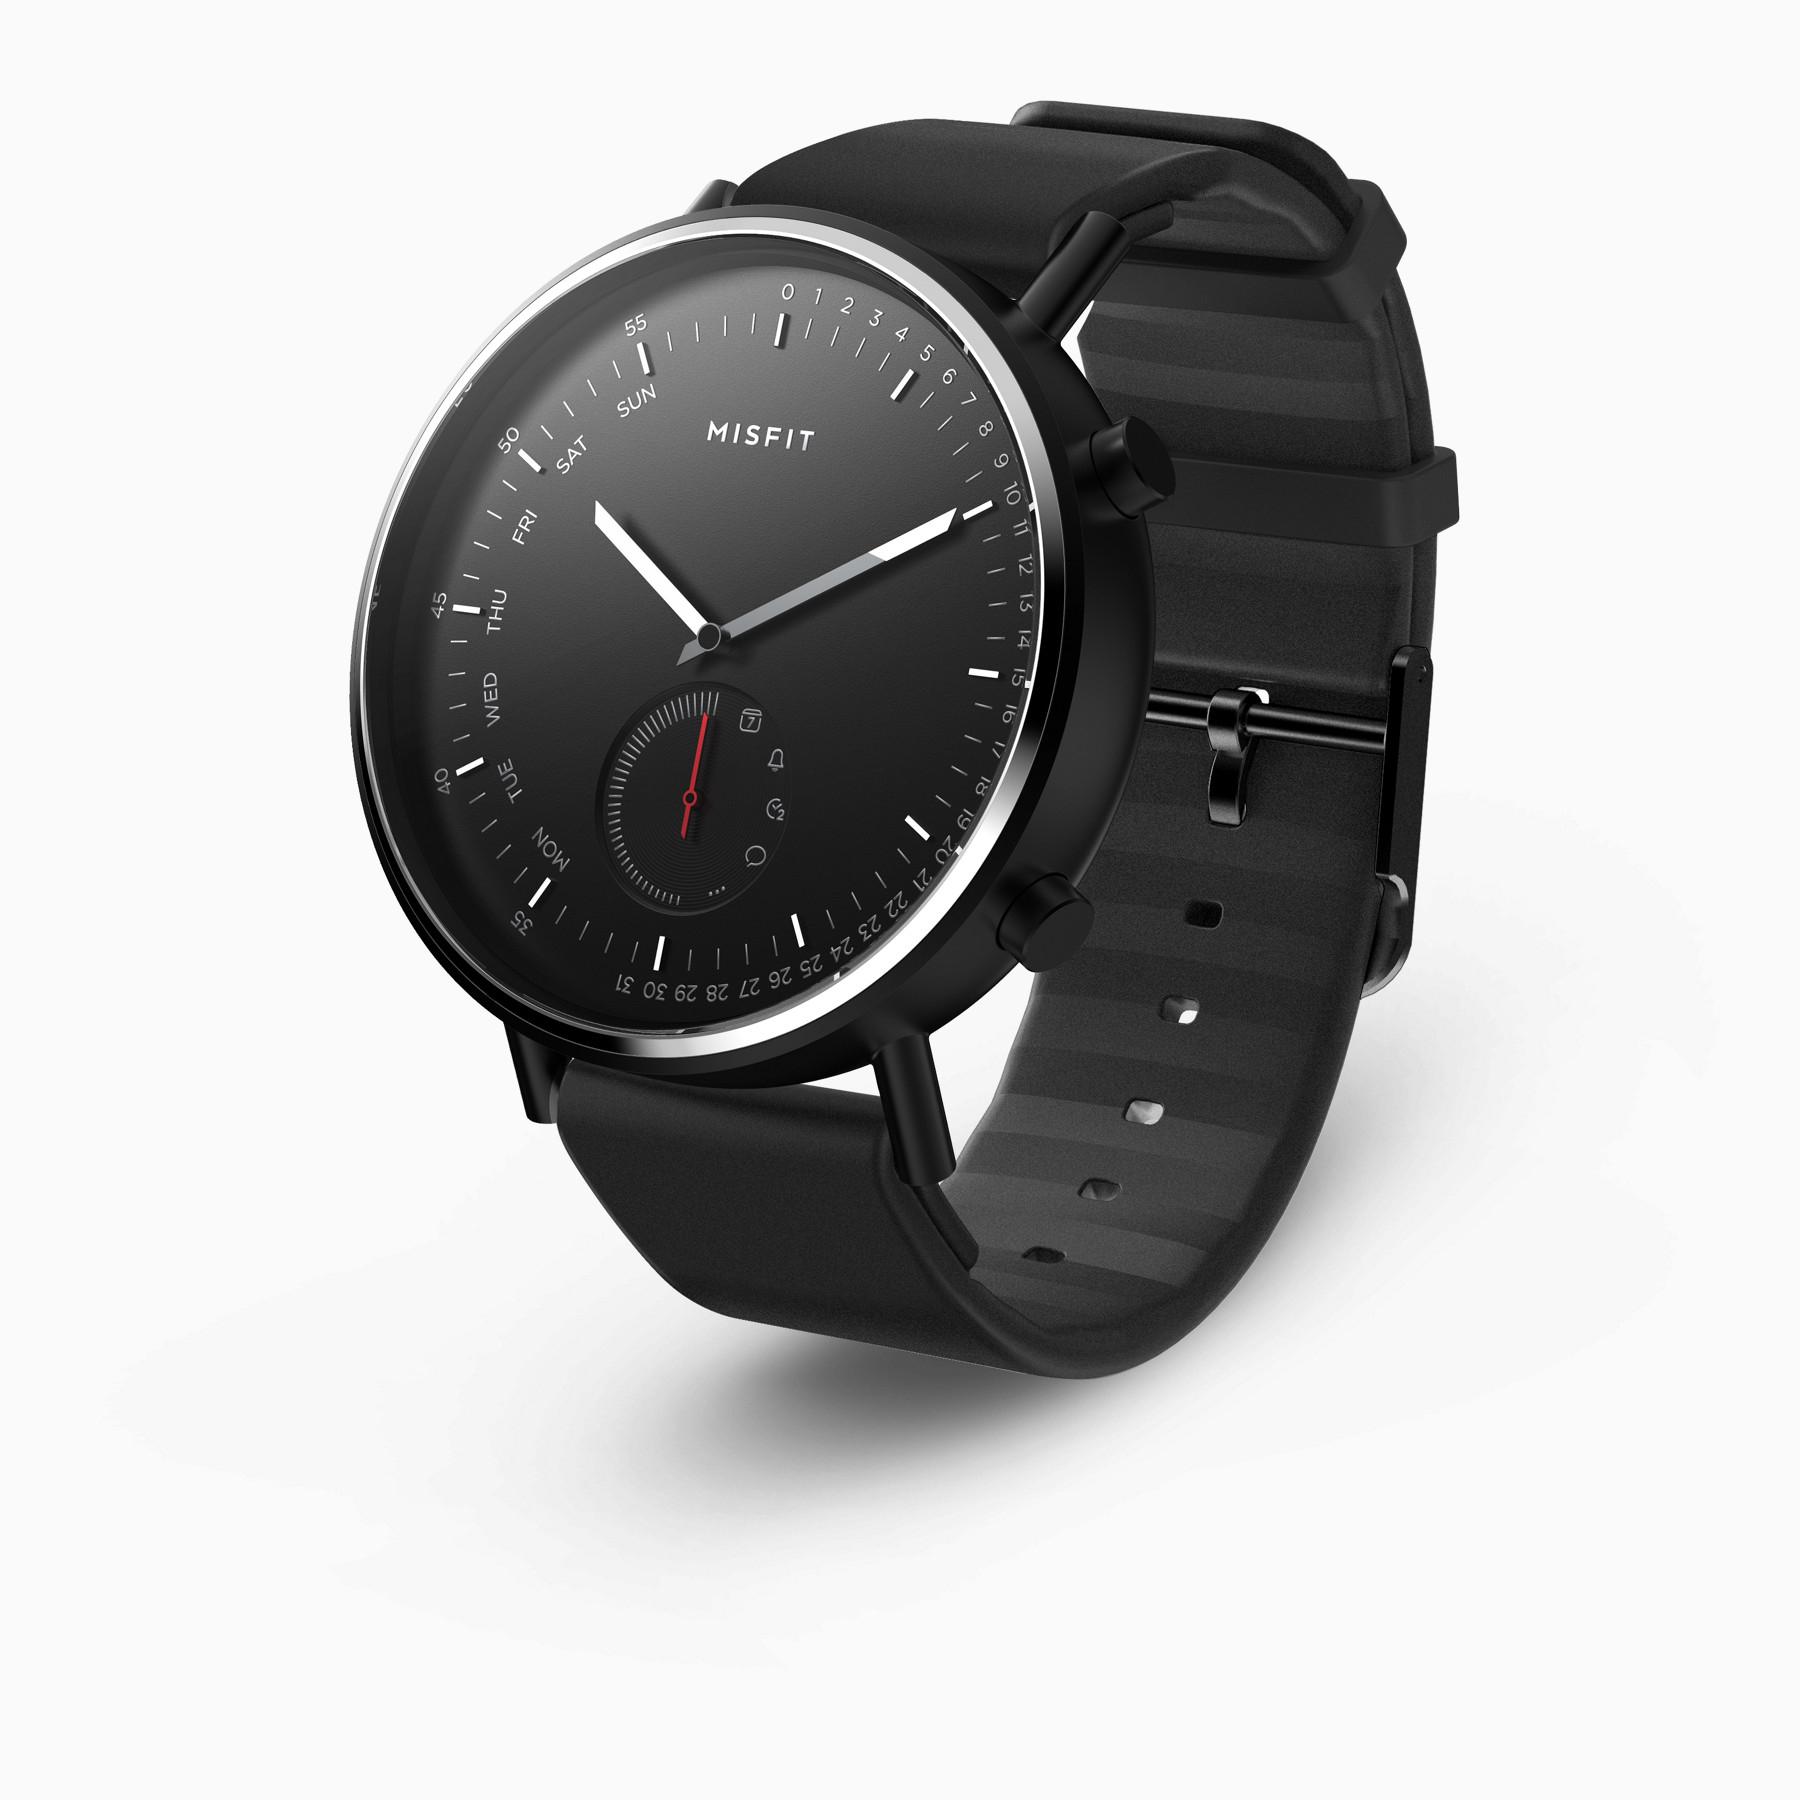 Sélection de montres en promotion - Ex : Montre hybride connectée misfit command